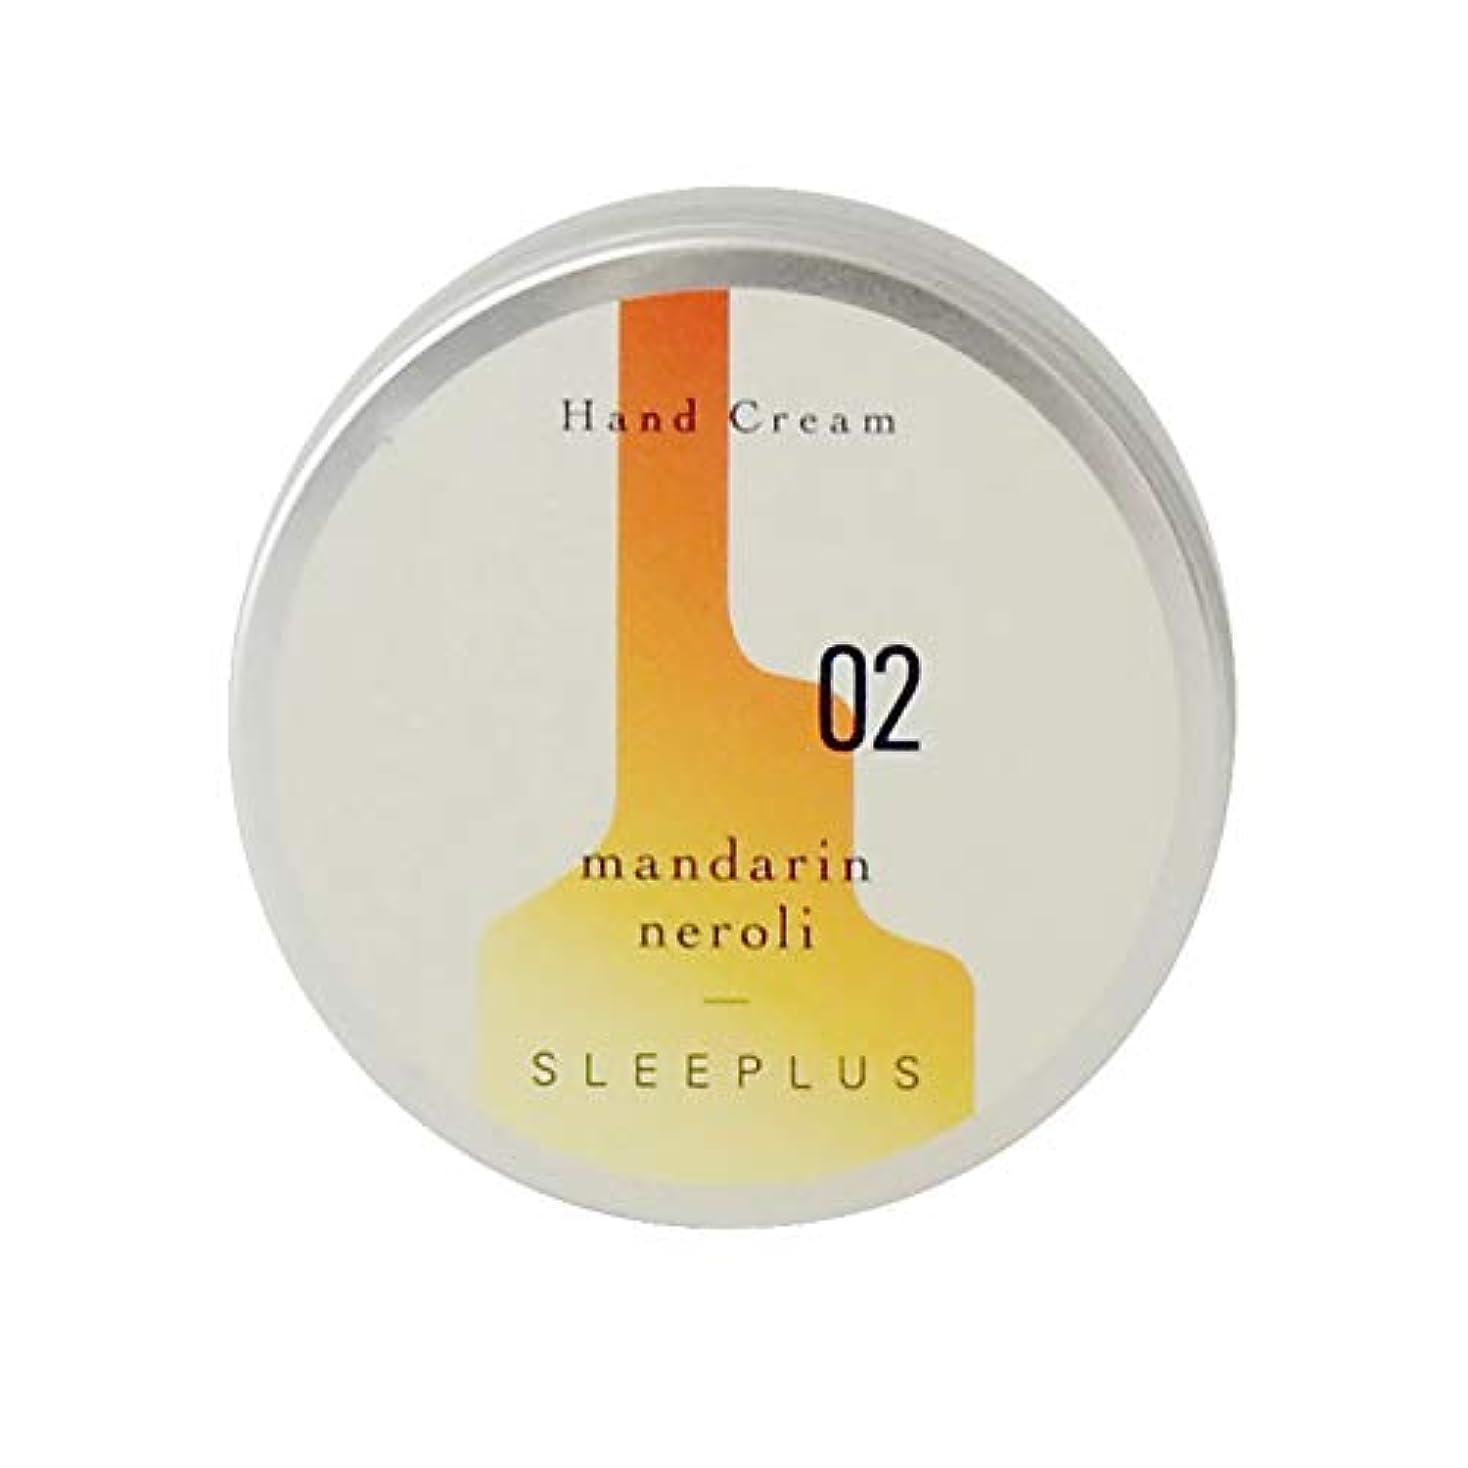 到着する宣言扇動するHeavenly Aroom ハンドクリーム SLEEPLUS 02 マンダリンネロリ 75g